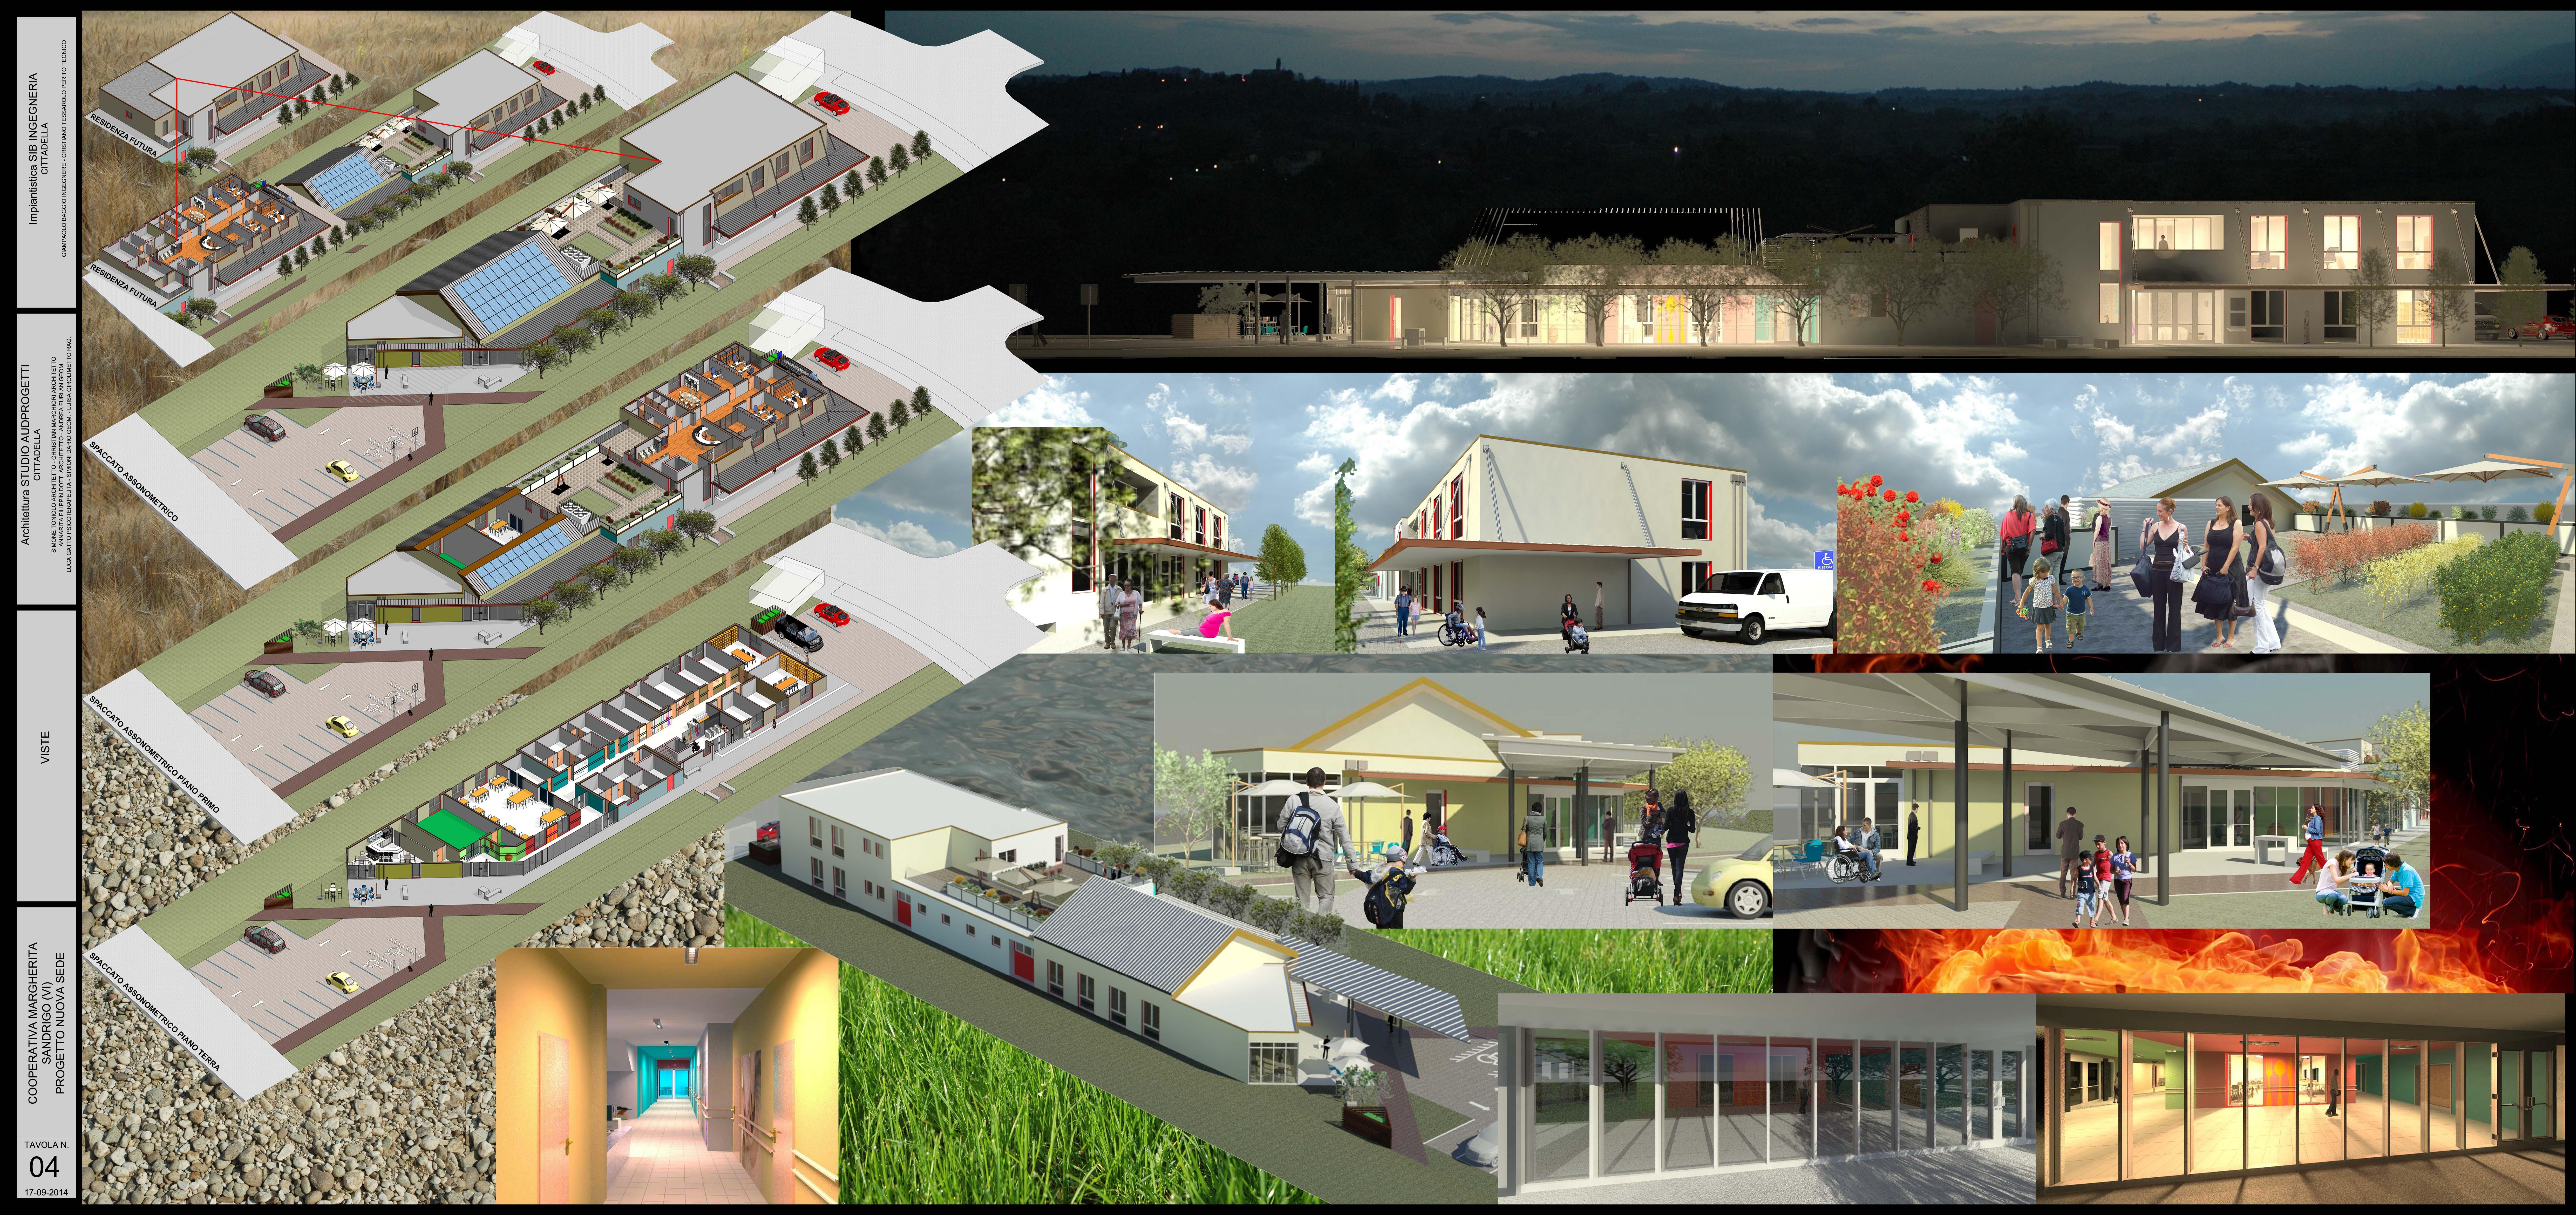 Concorso di idee per la nuova sede della cooperativa - Tavole di concorso architettura ...